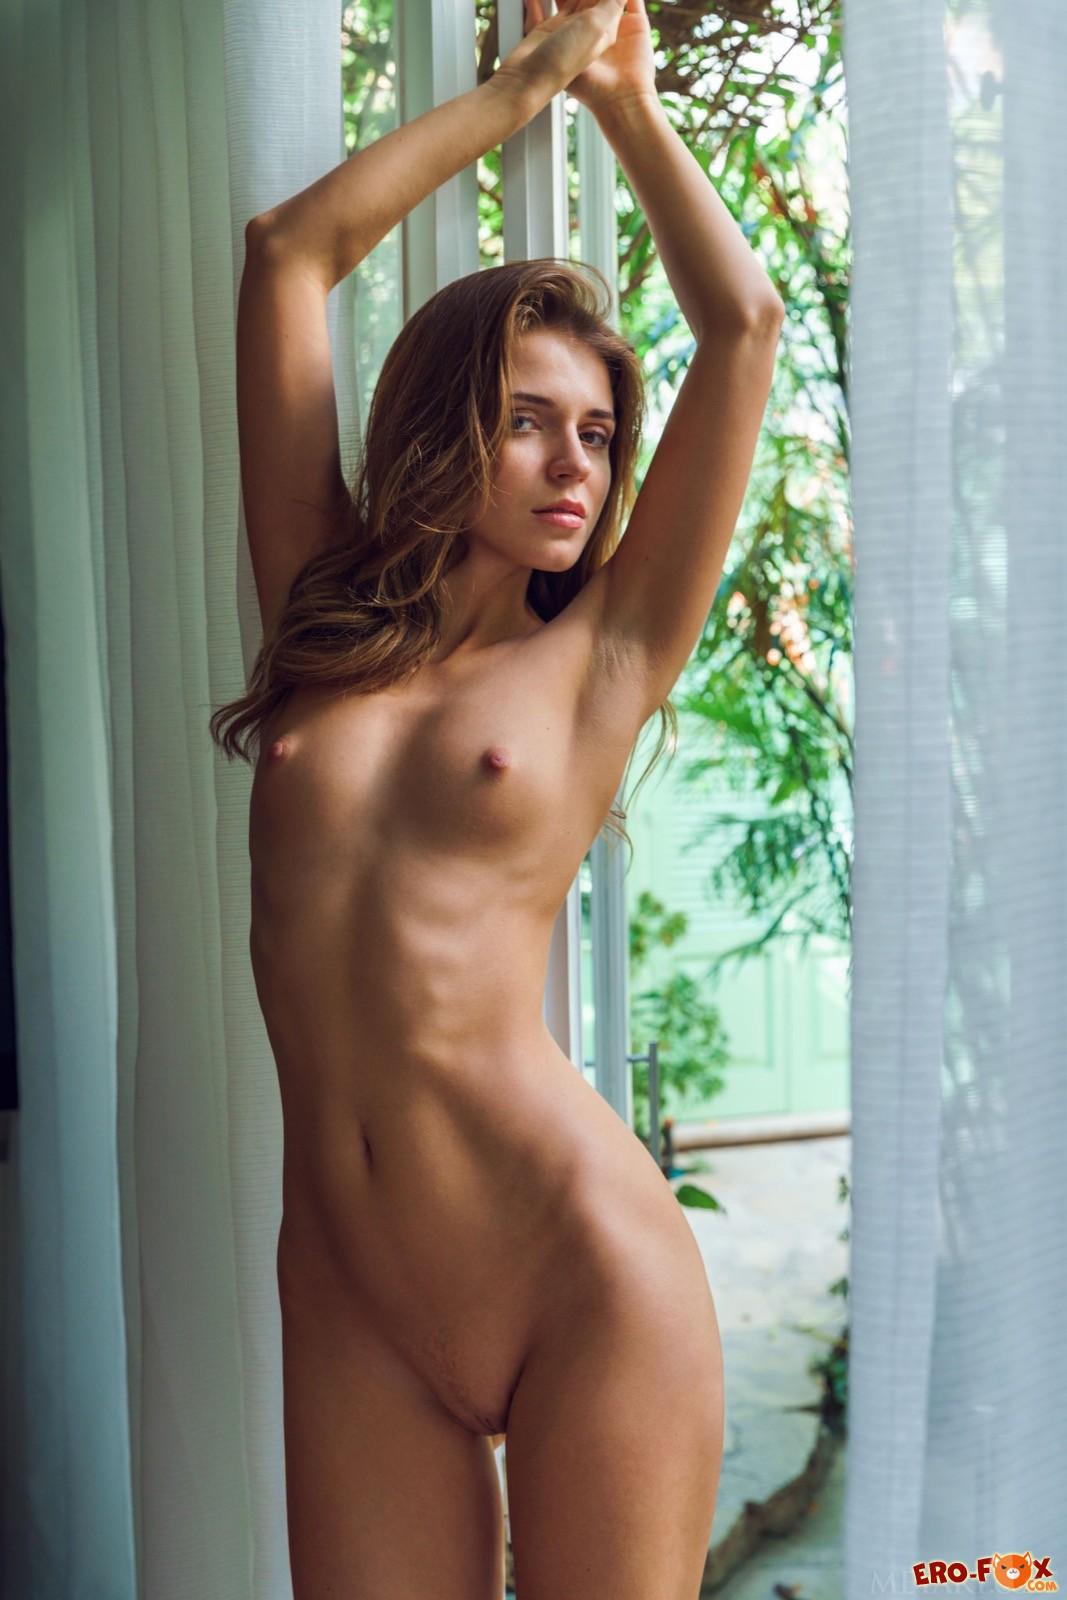 Сексуальная девушка сняла платье и трусики